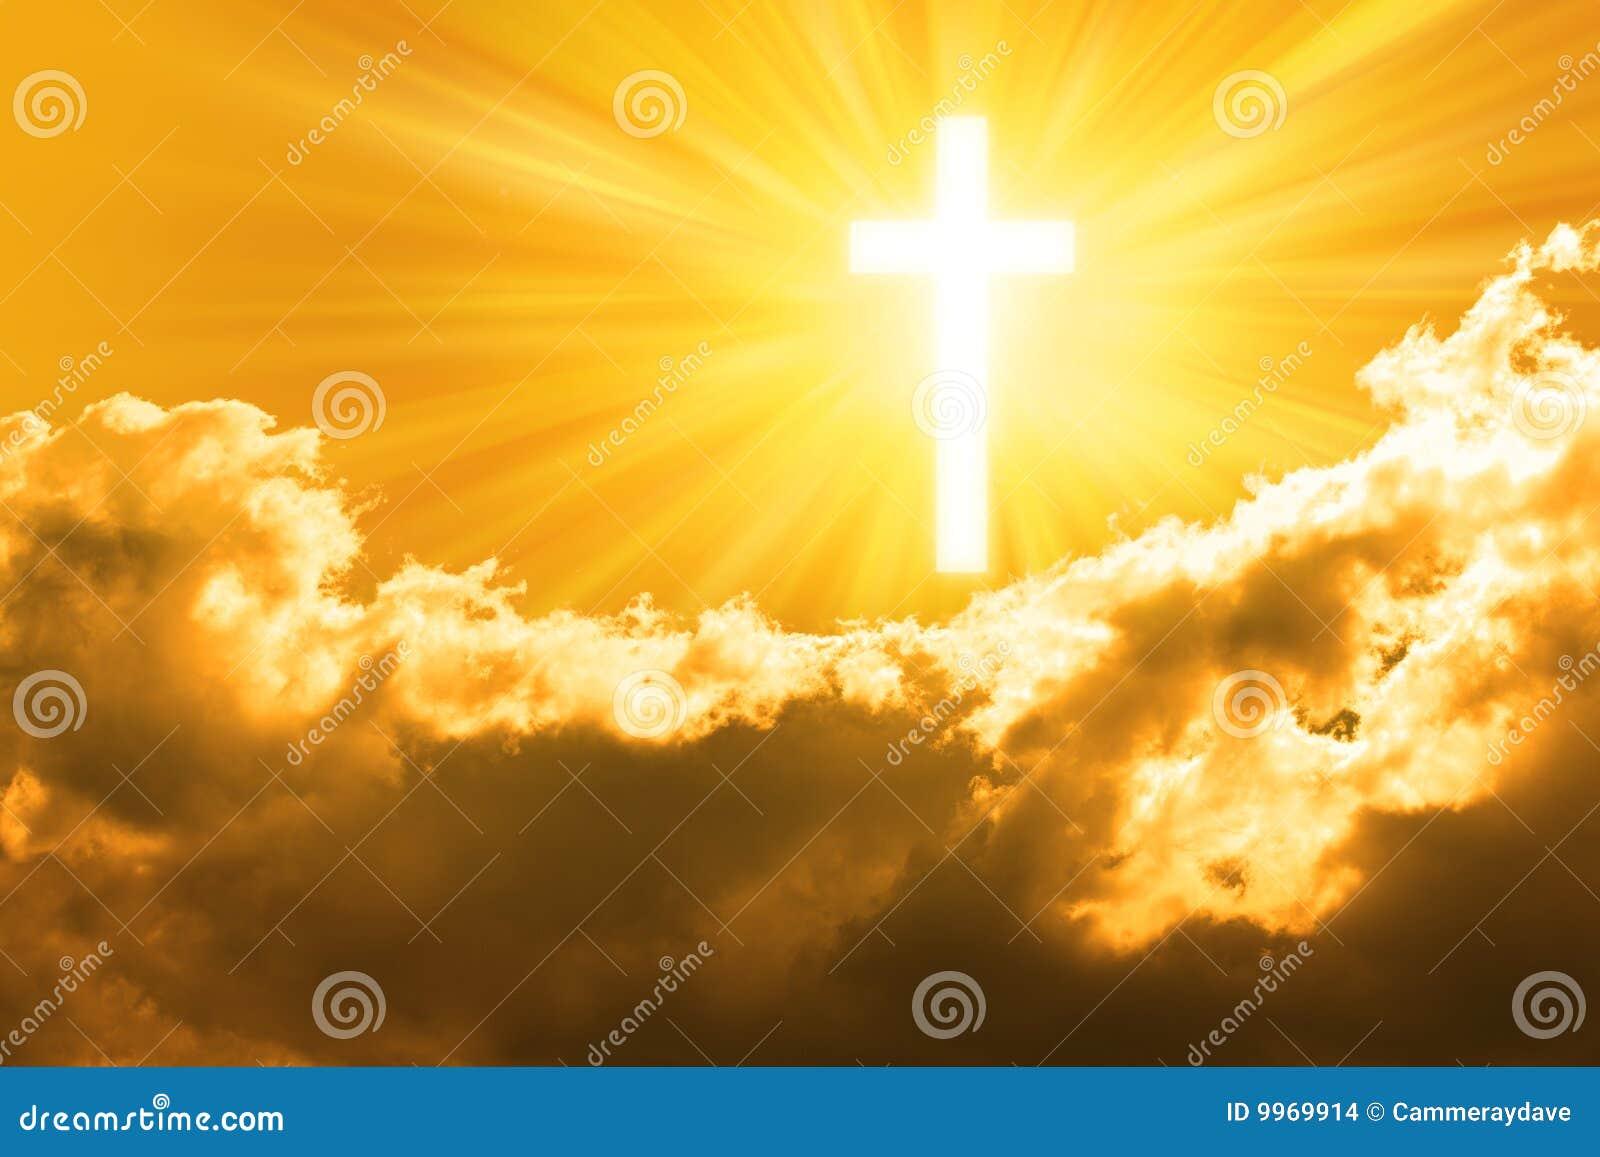 Cruz da religião e céu dourado